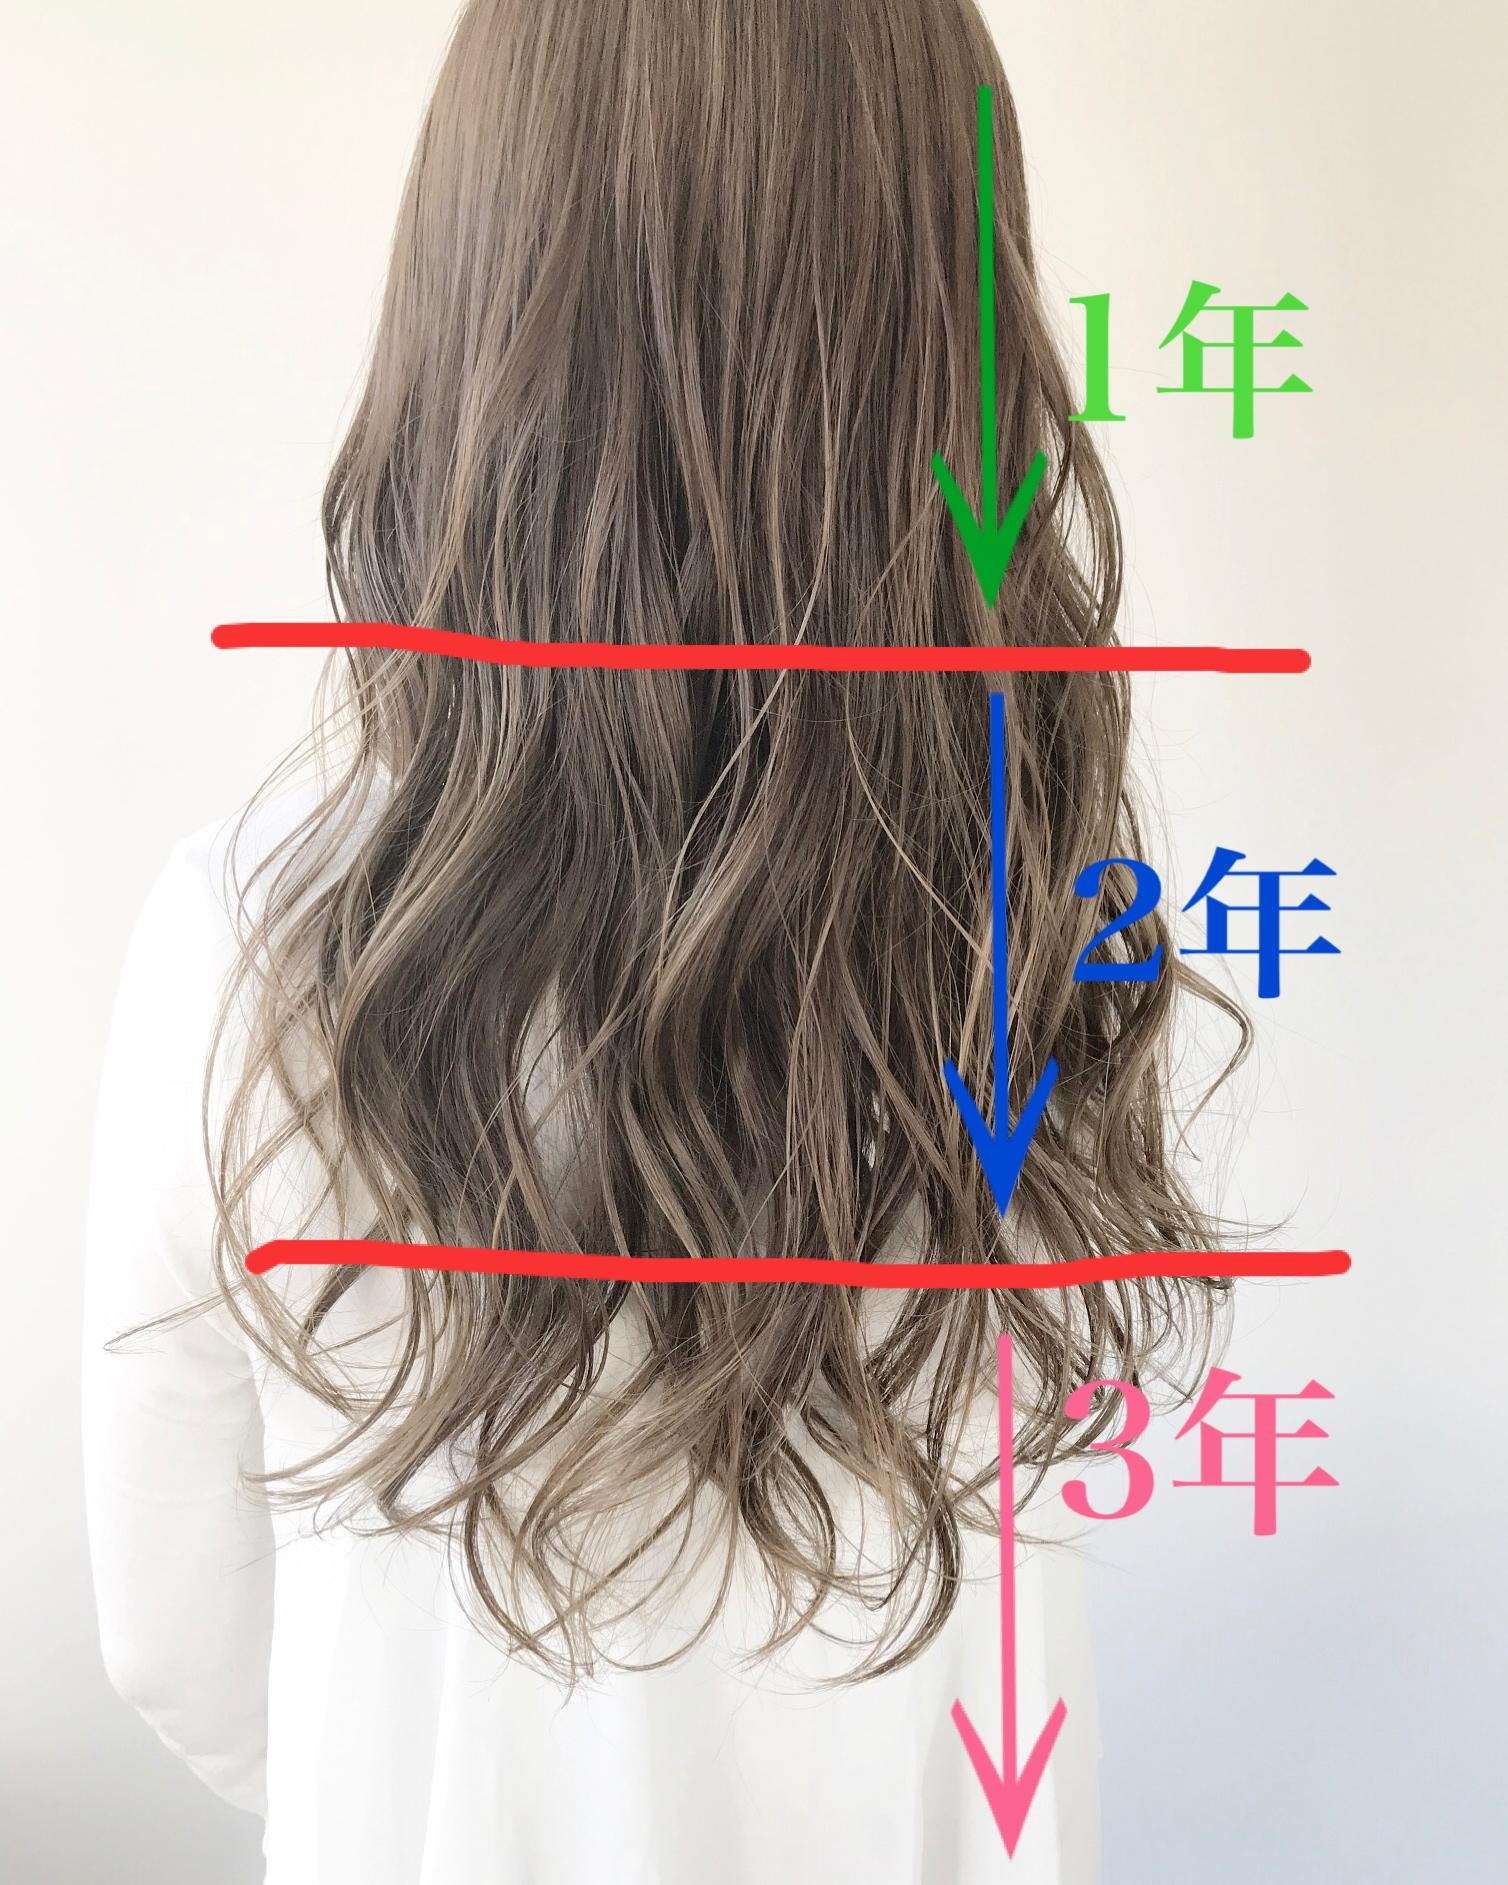 一 年 どれくらい 伸びる で 髪の毛